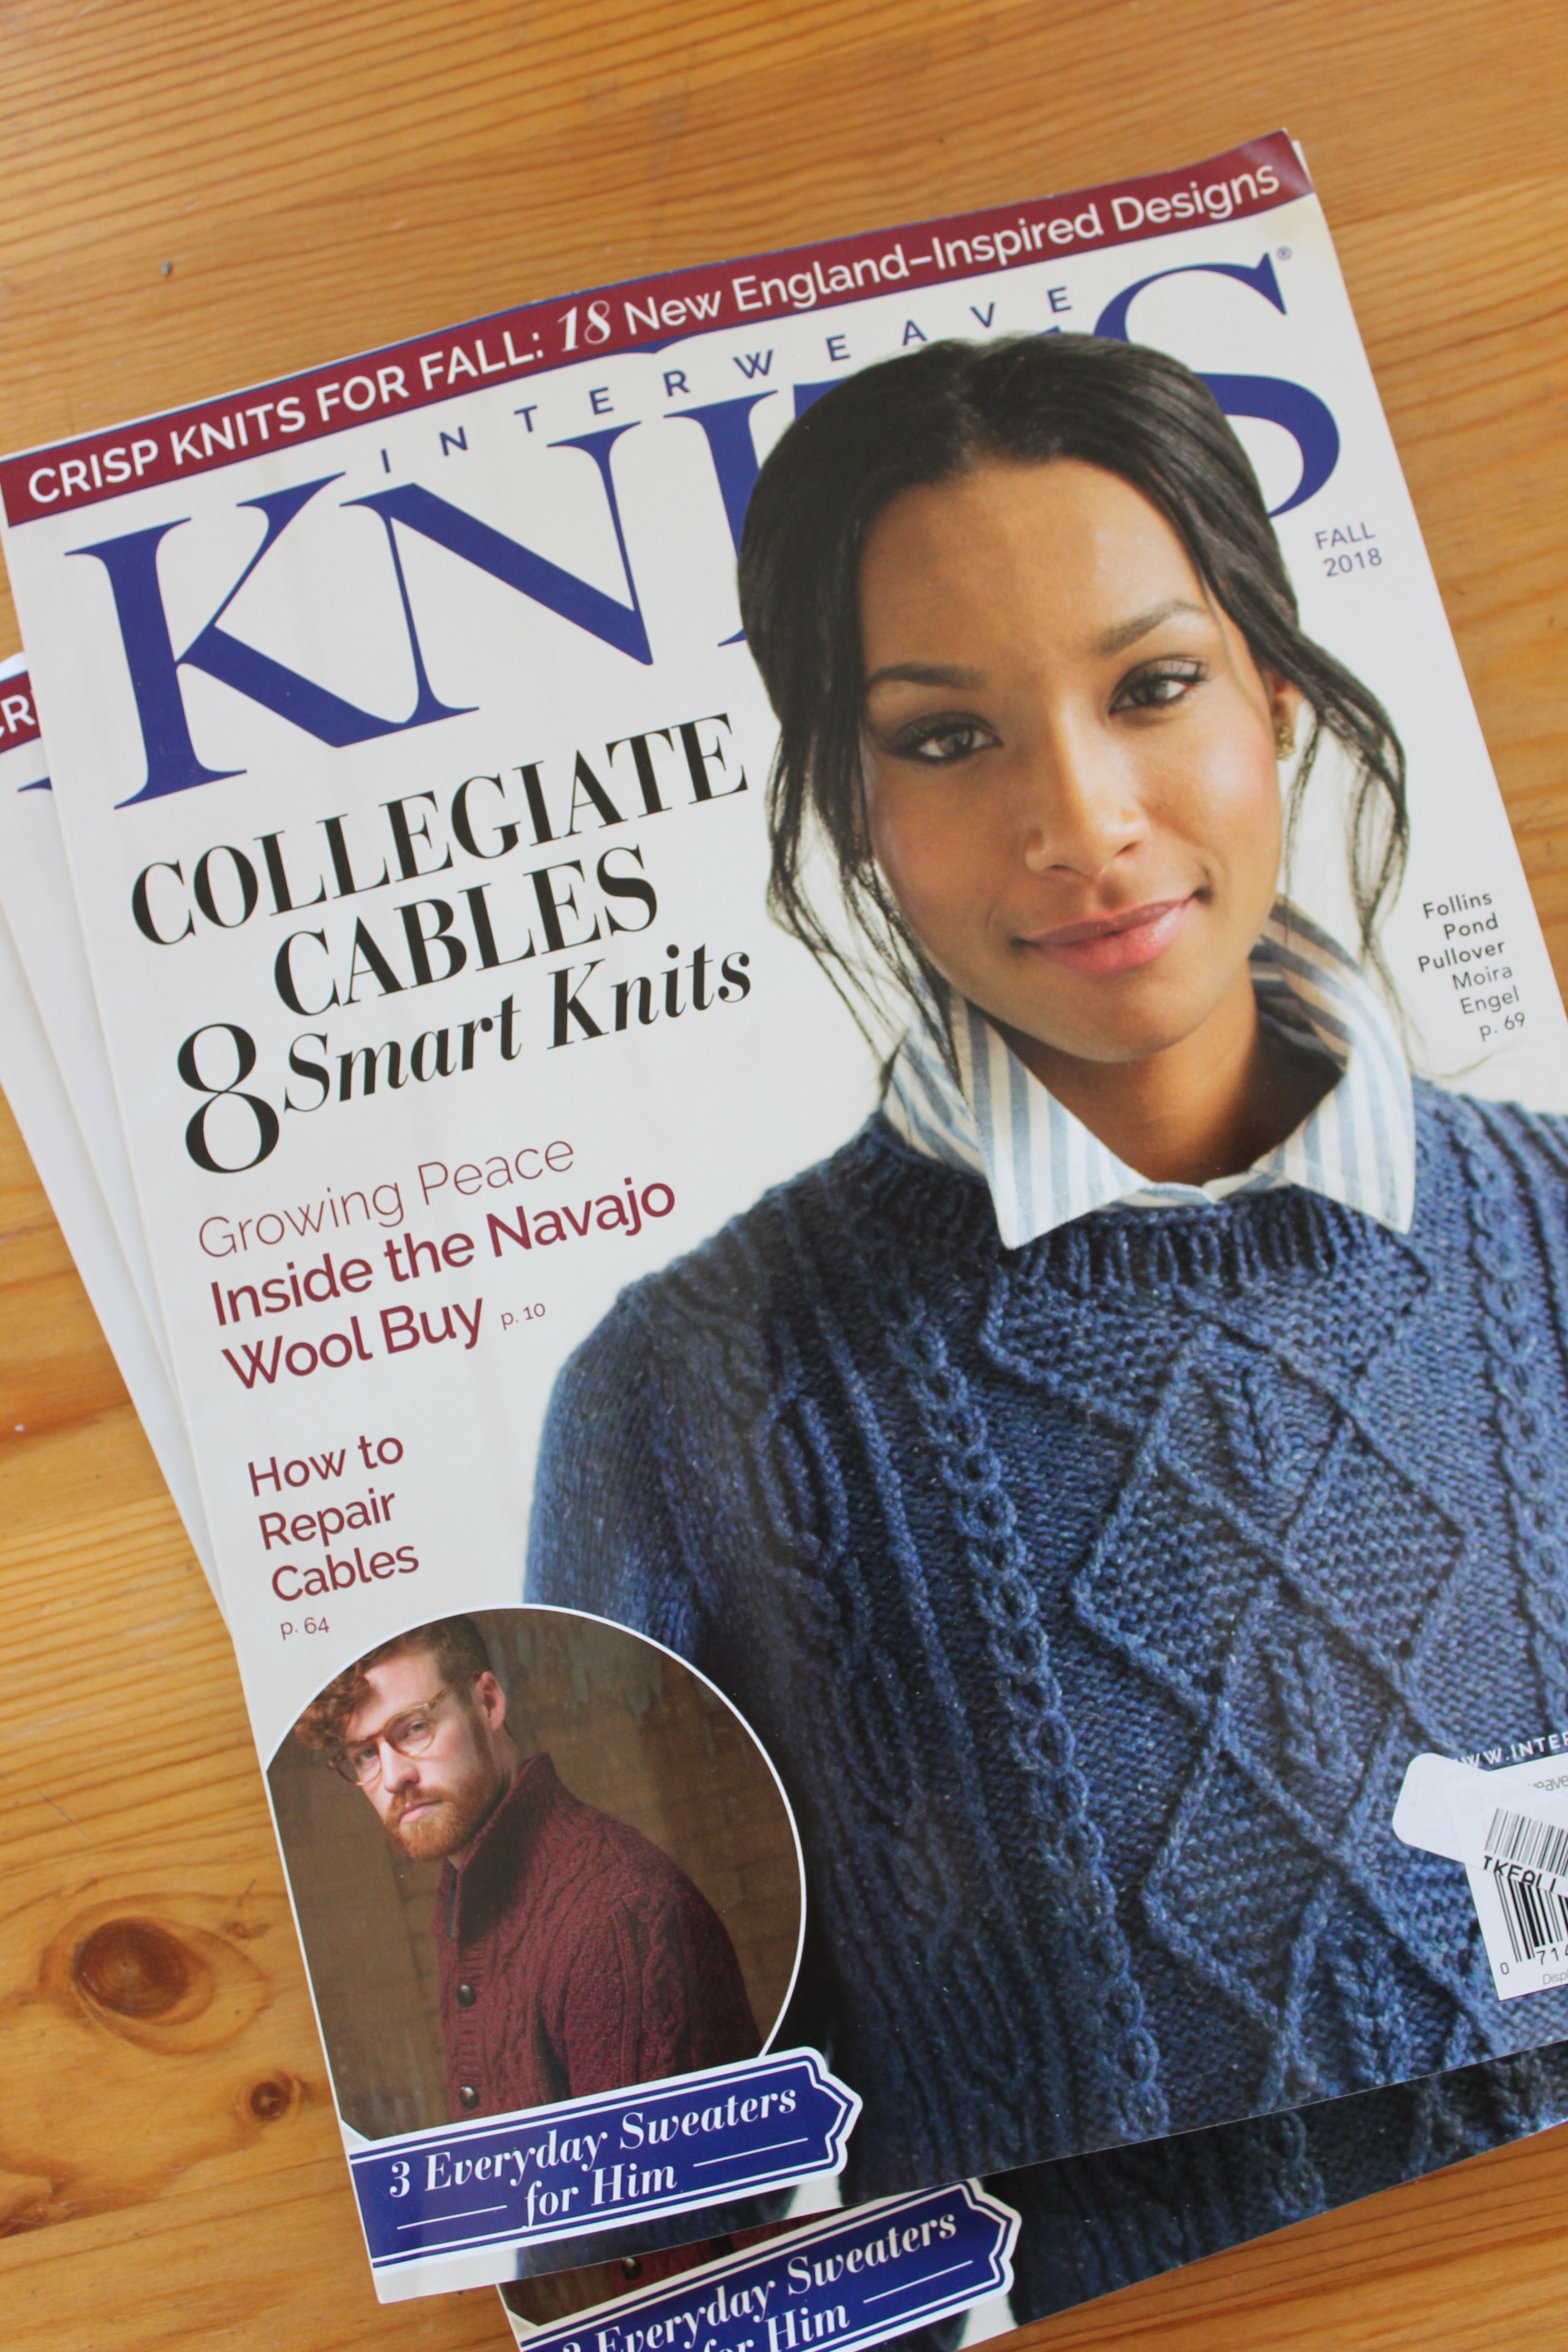 Book Cover Knitting Pattern ~ Baa ram ewe titus mini knits accessory knitting pattern book near